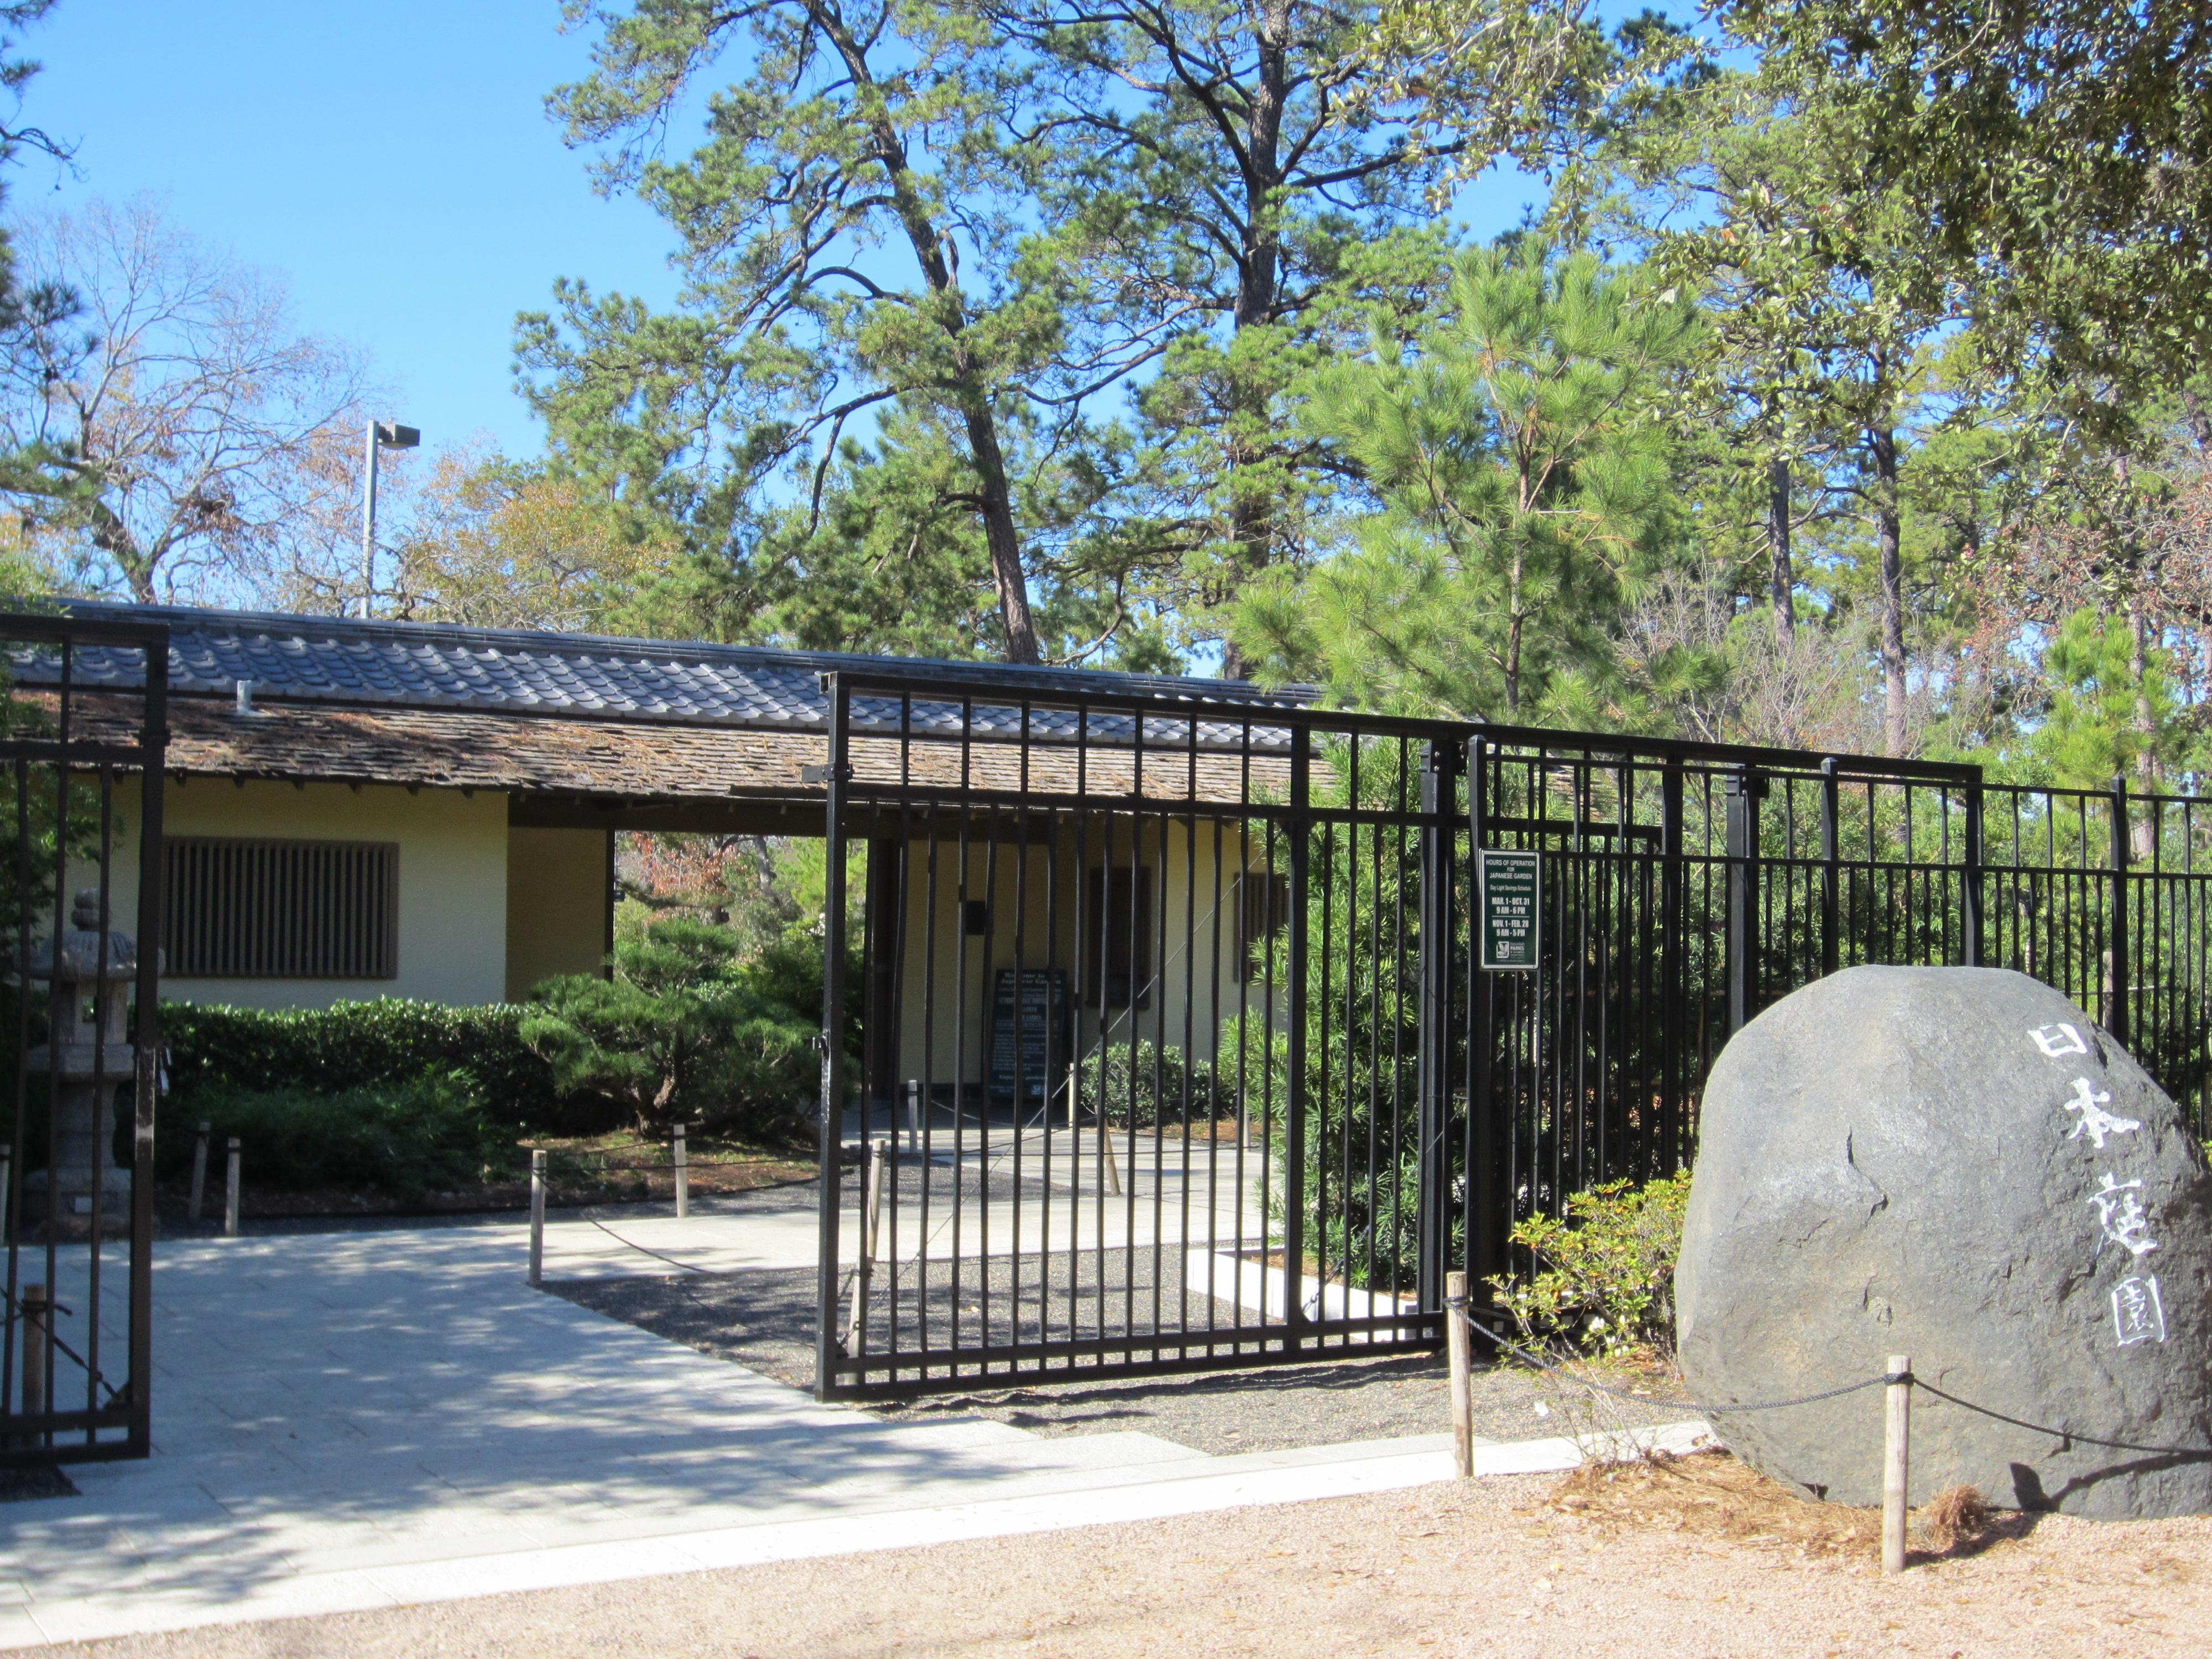 File Hermann Park Houston Entrance To Japanese Garden Jpg Wikimedia Commons